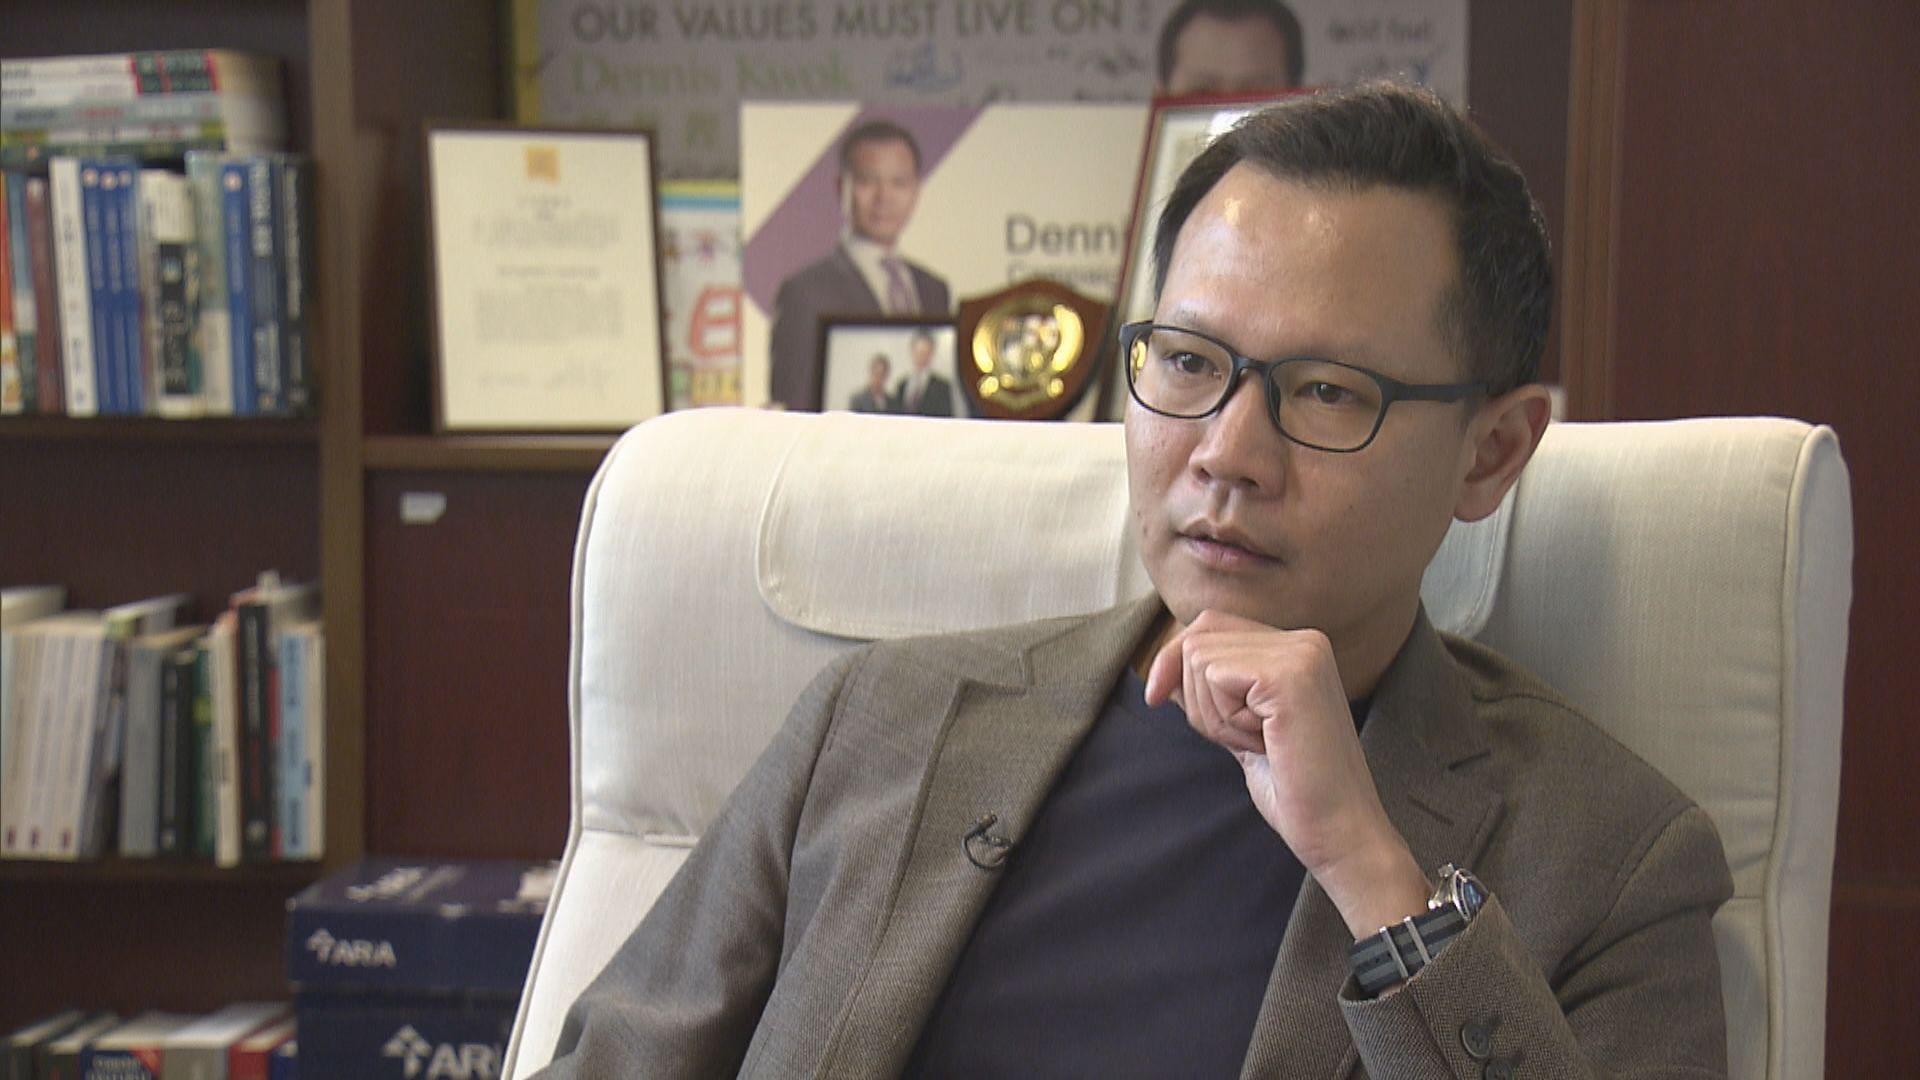 【專訪】郭榮鏗宣布退出政壇 回應尋美制裁指人生如棋落子無悔